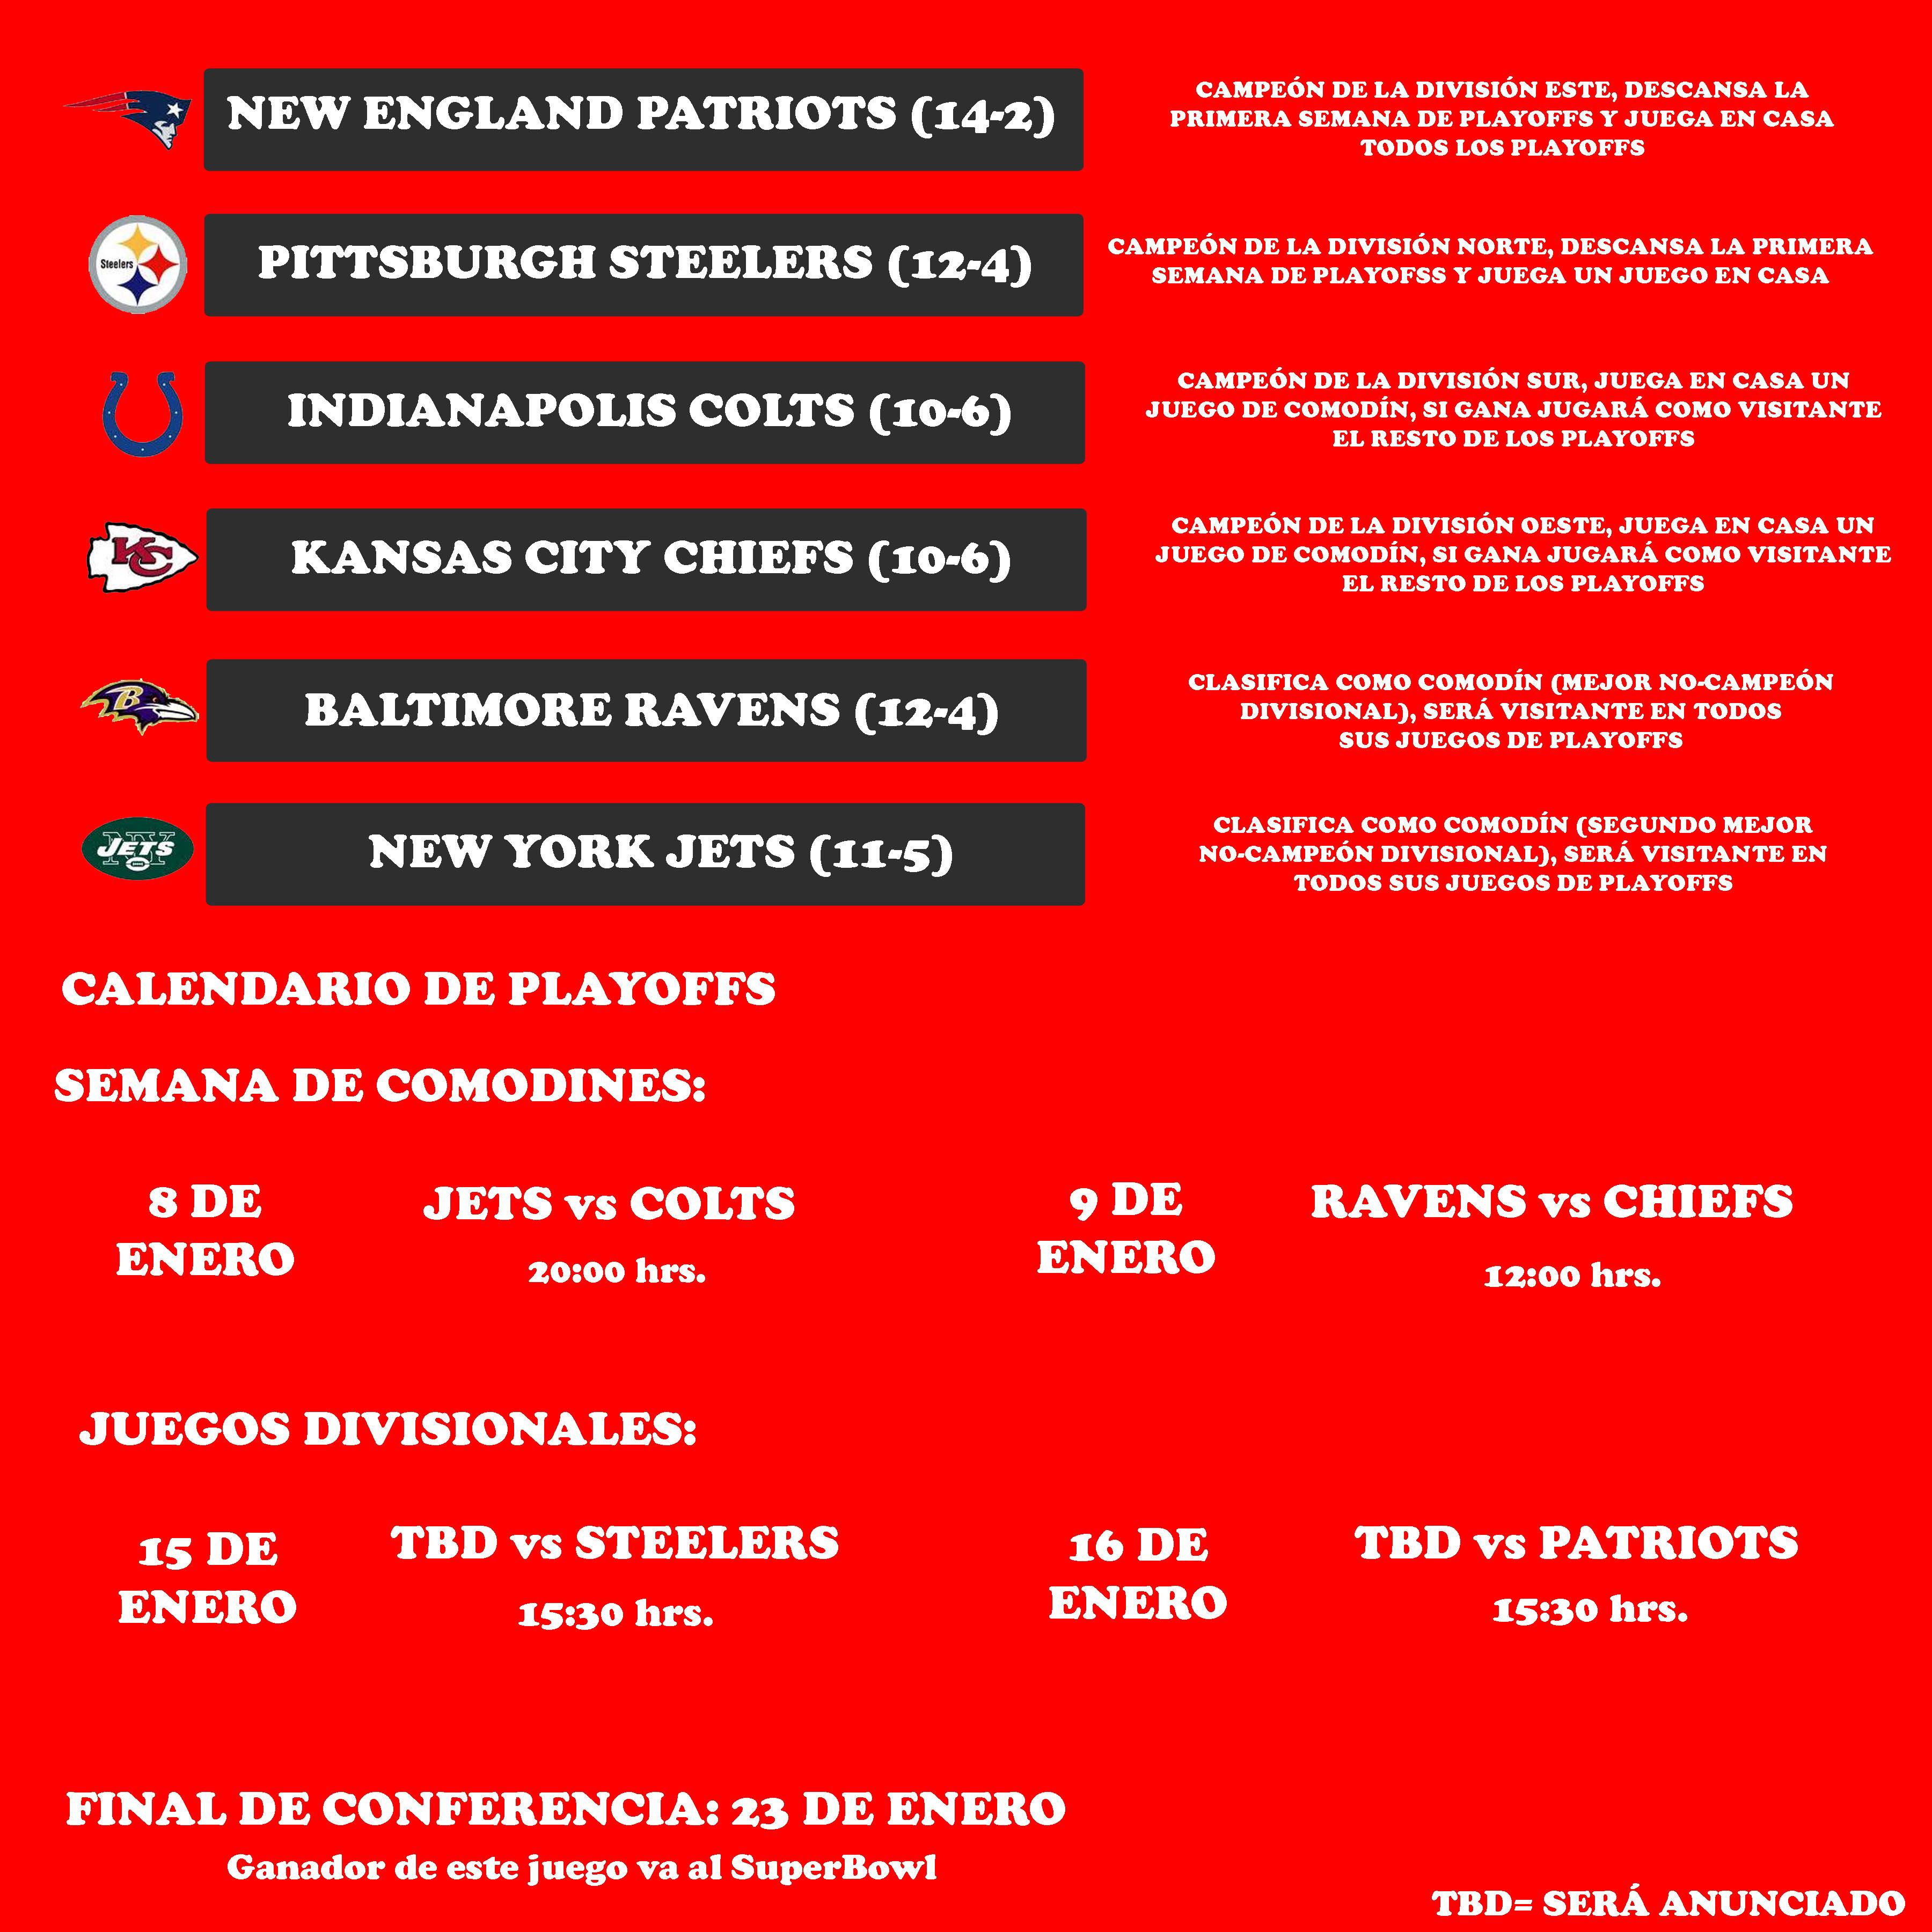 Calendario Playoff.Calendario De Los Playoffs De La Nfl